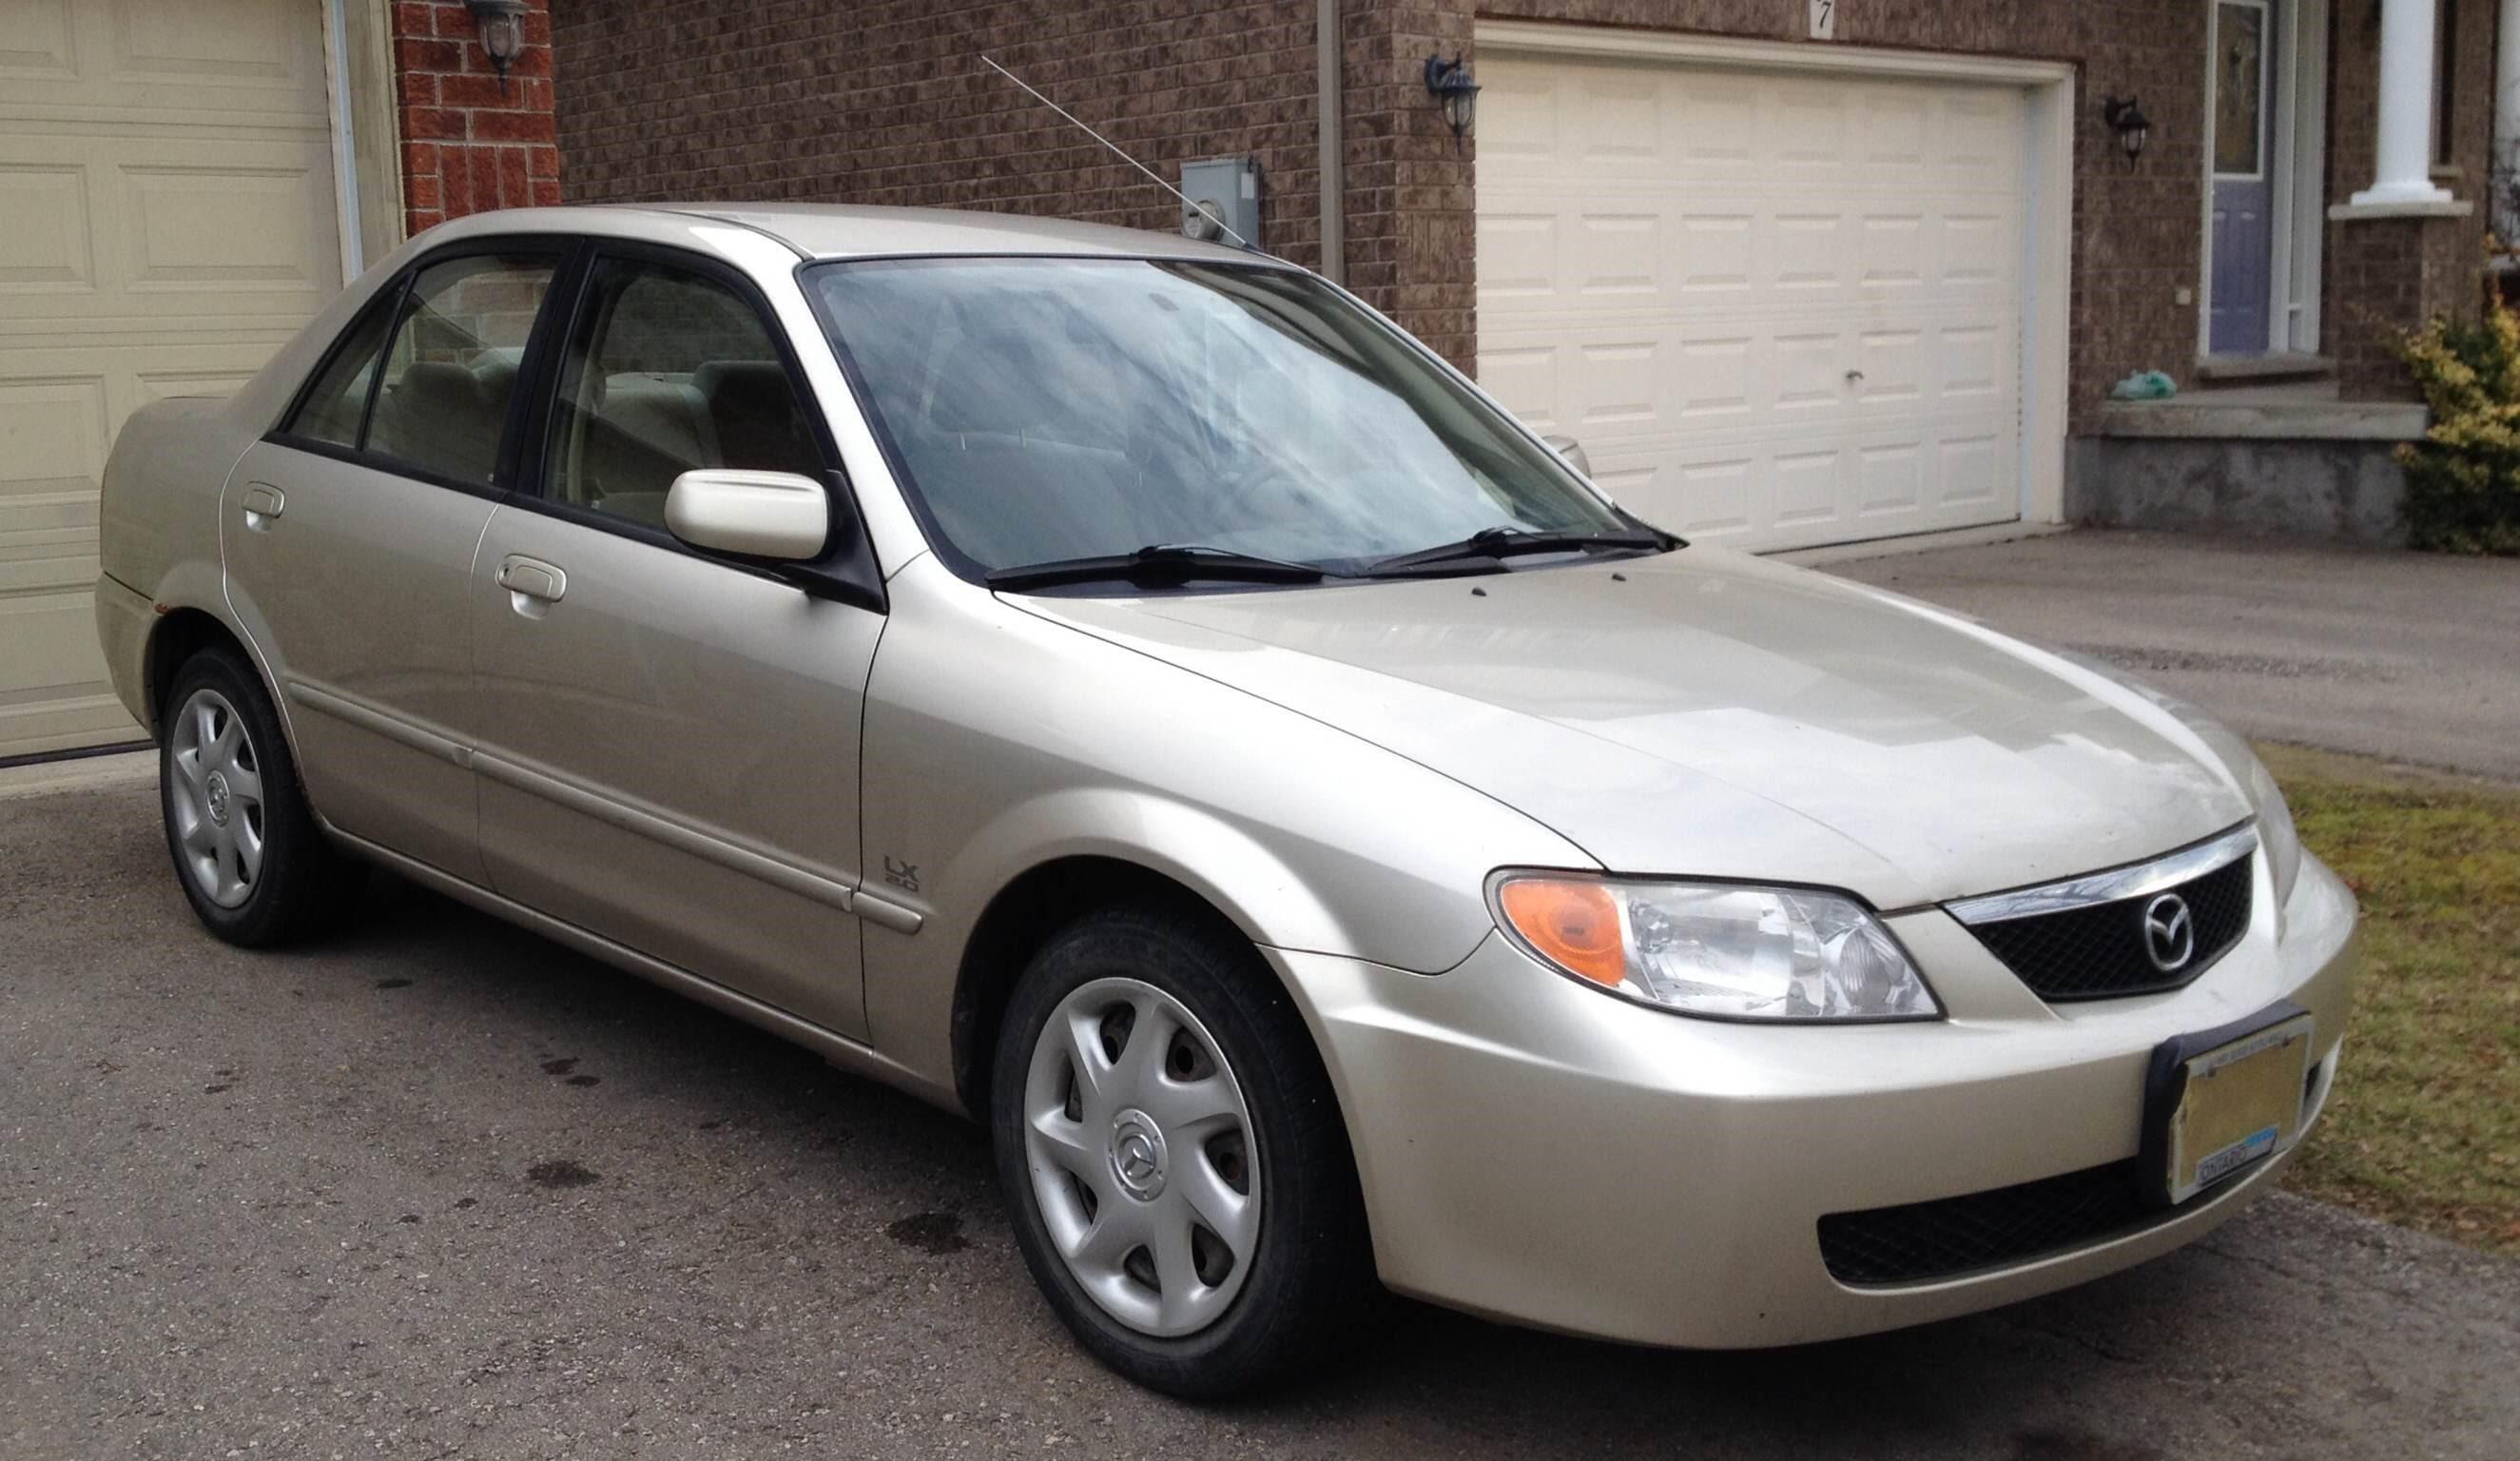 2002 Mazda Protege For Sale In Alliston Fuel Filter Location